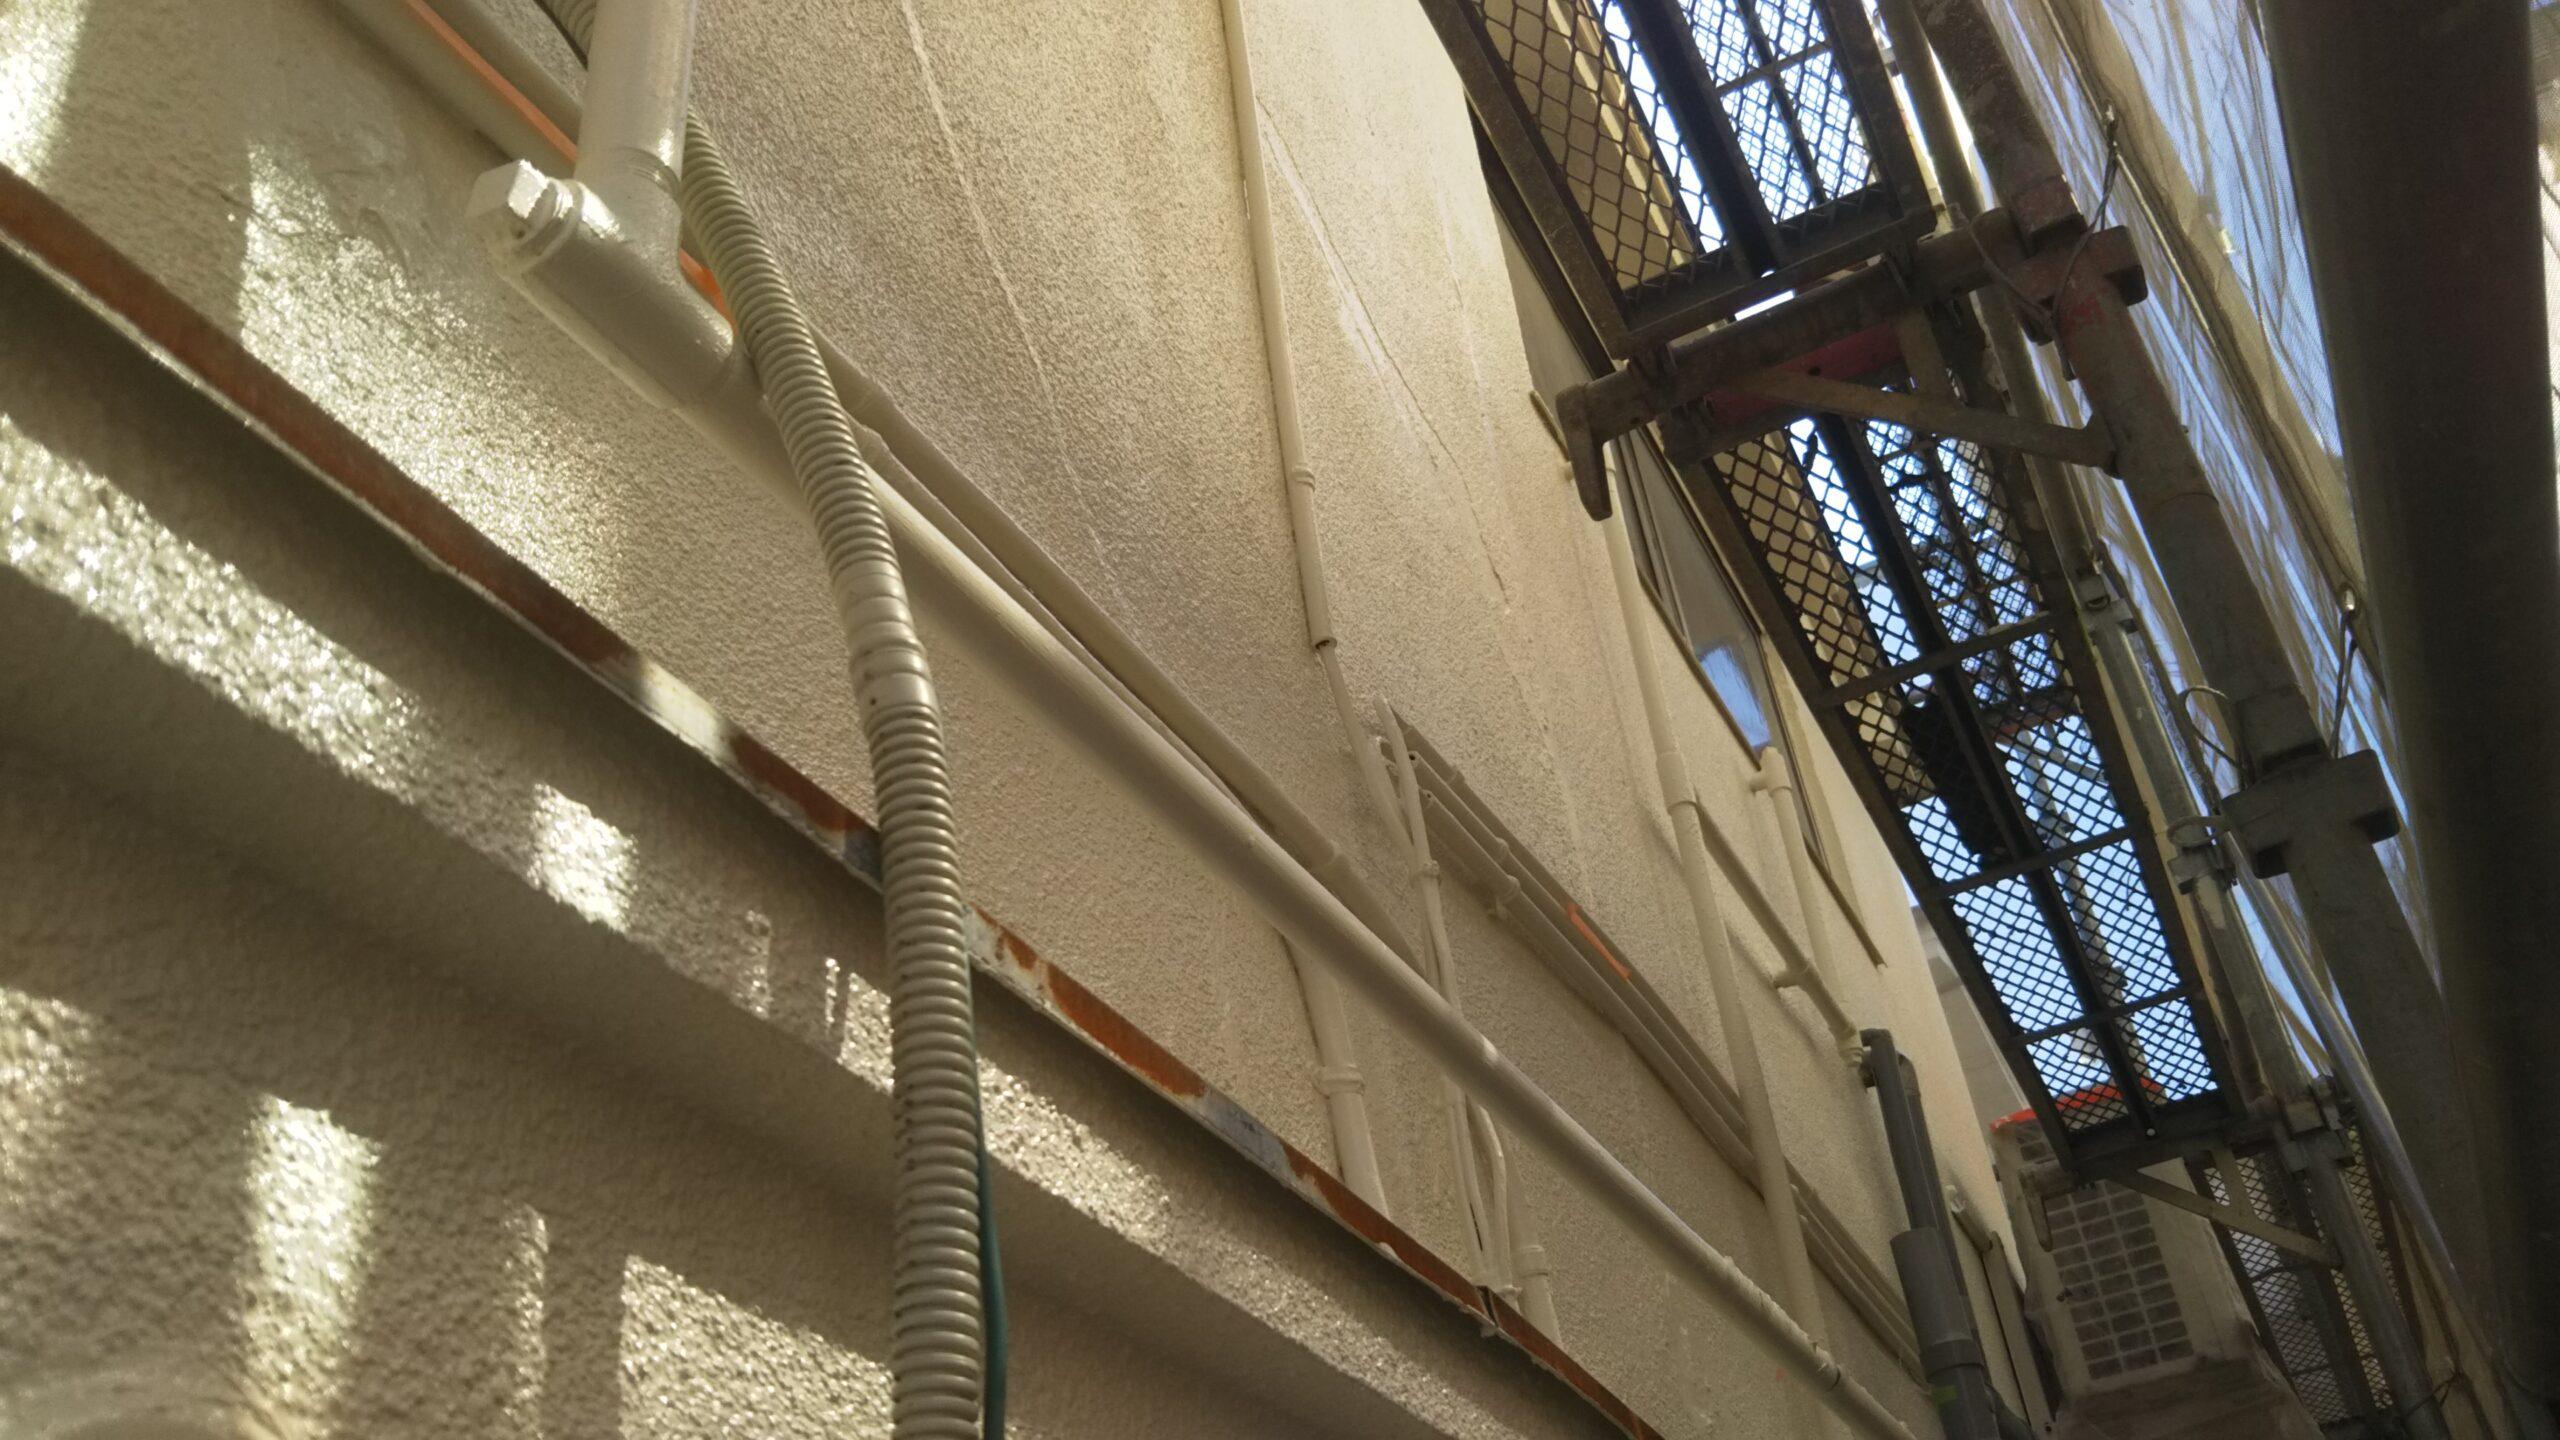 埼玉県さいたま市桜区のF様邸(木造2階建て)にて屋根の仕上げ塗装、雨戸・鉄部・木部の塗装